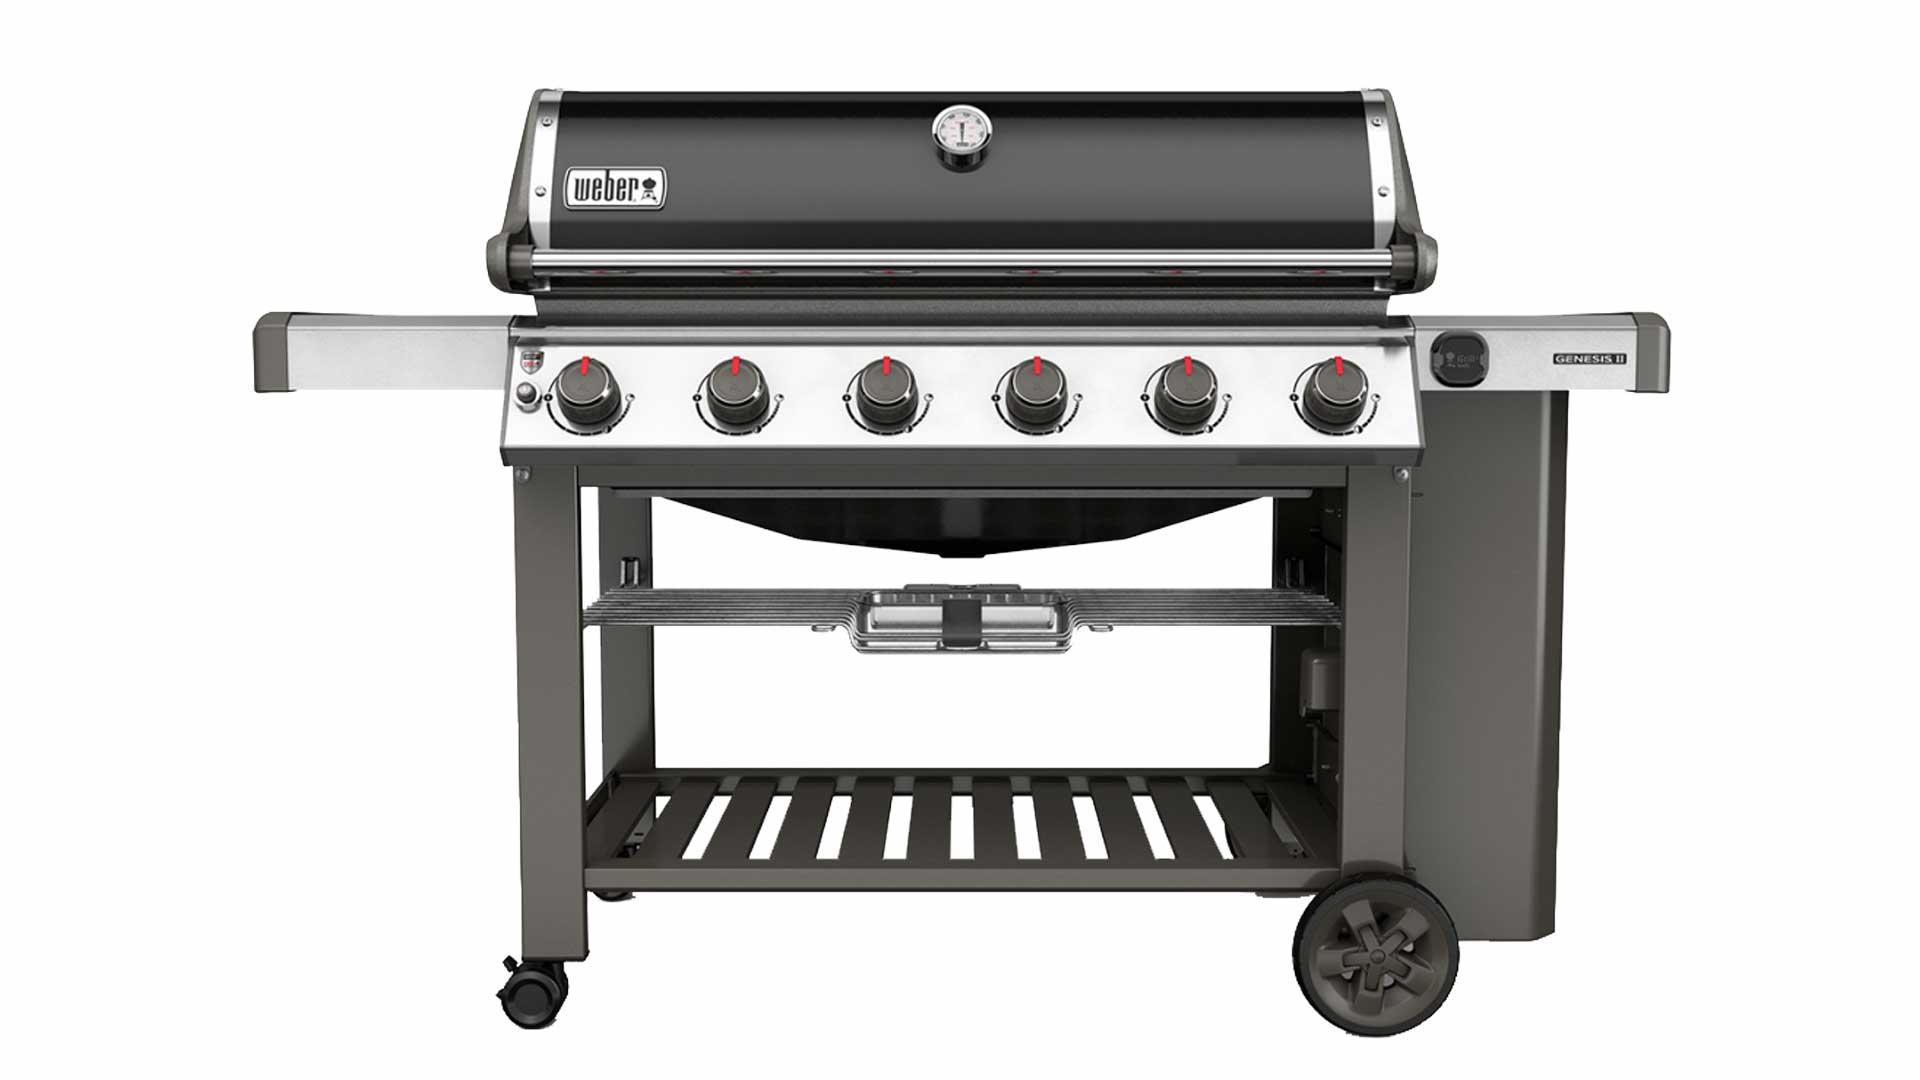 immagine in evidenza della pagina Barbecue Weber Genesis 2 E610 gbs black